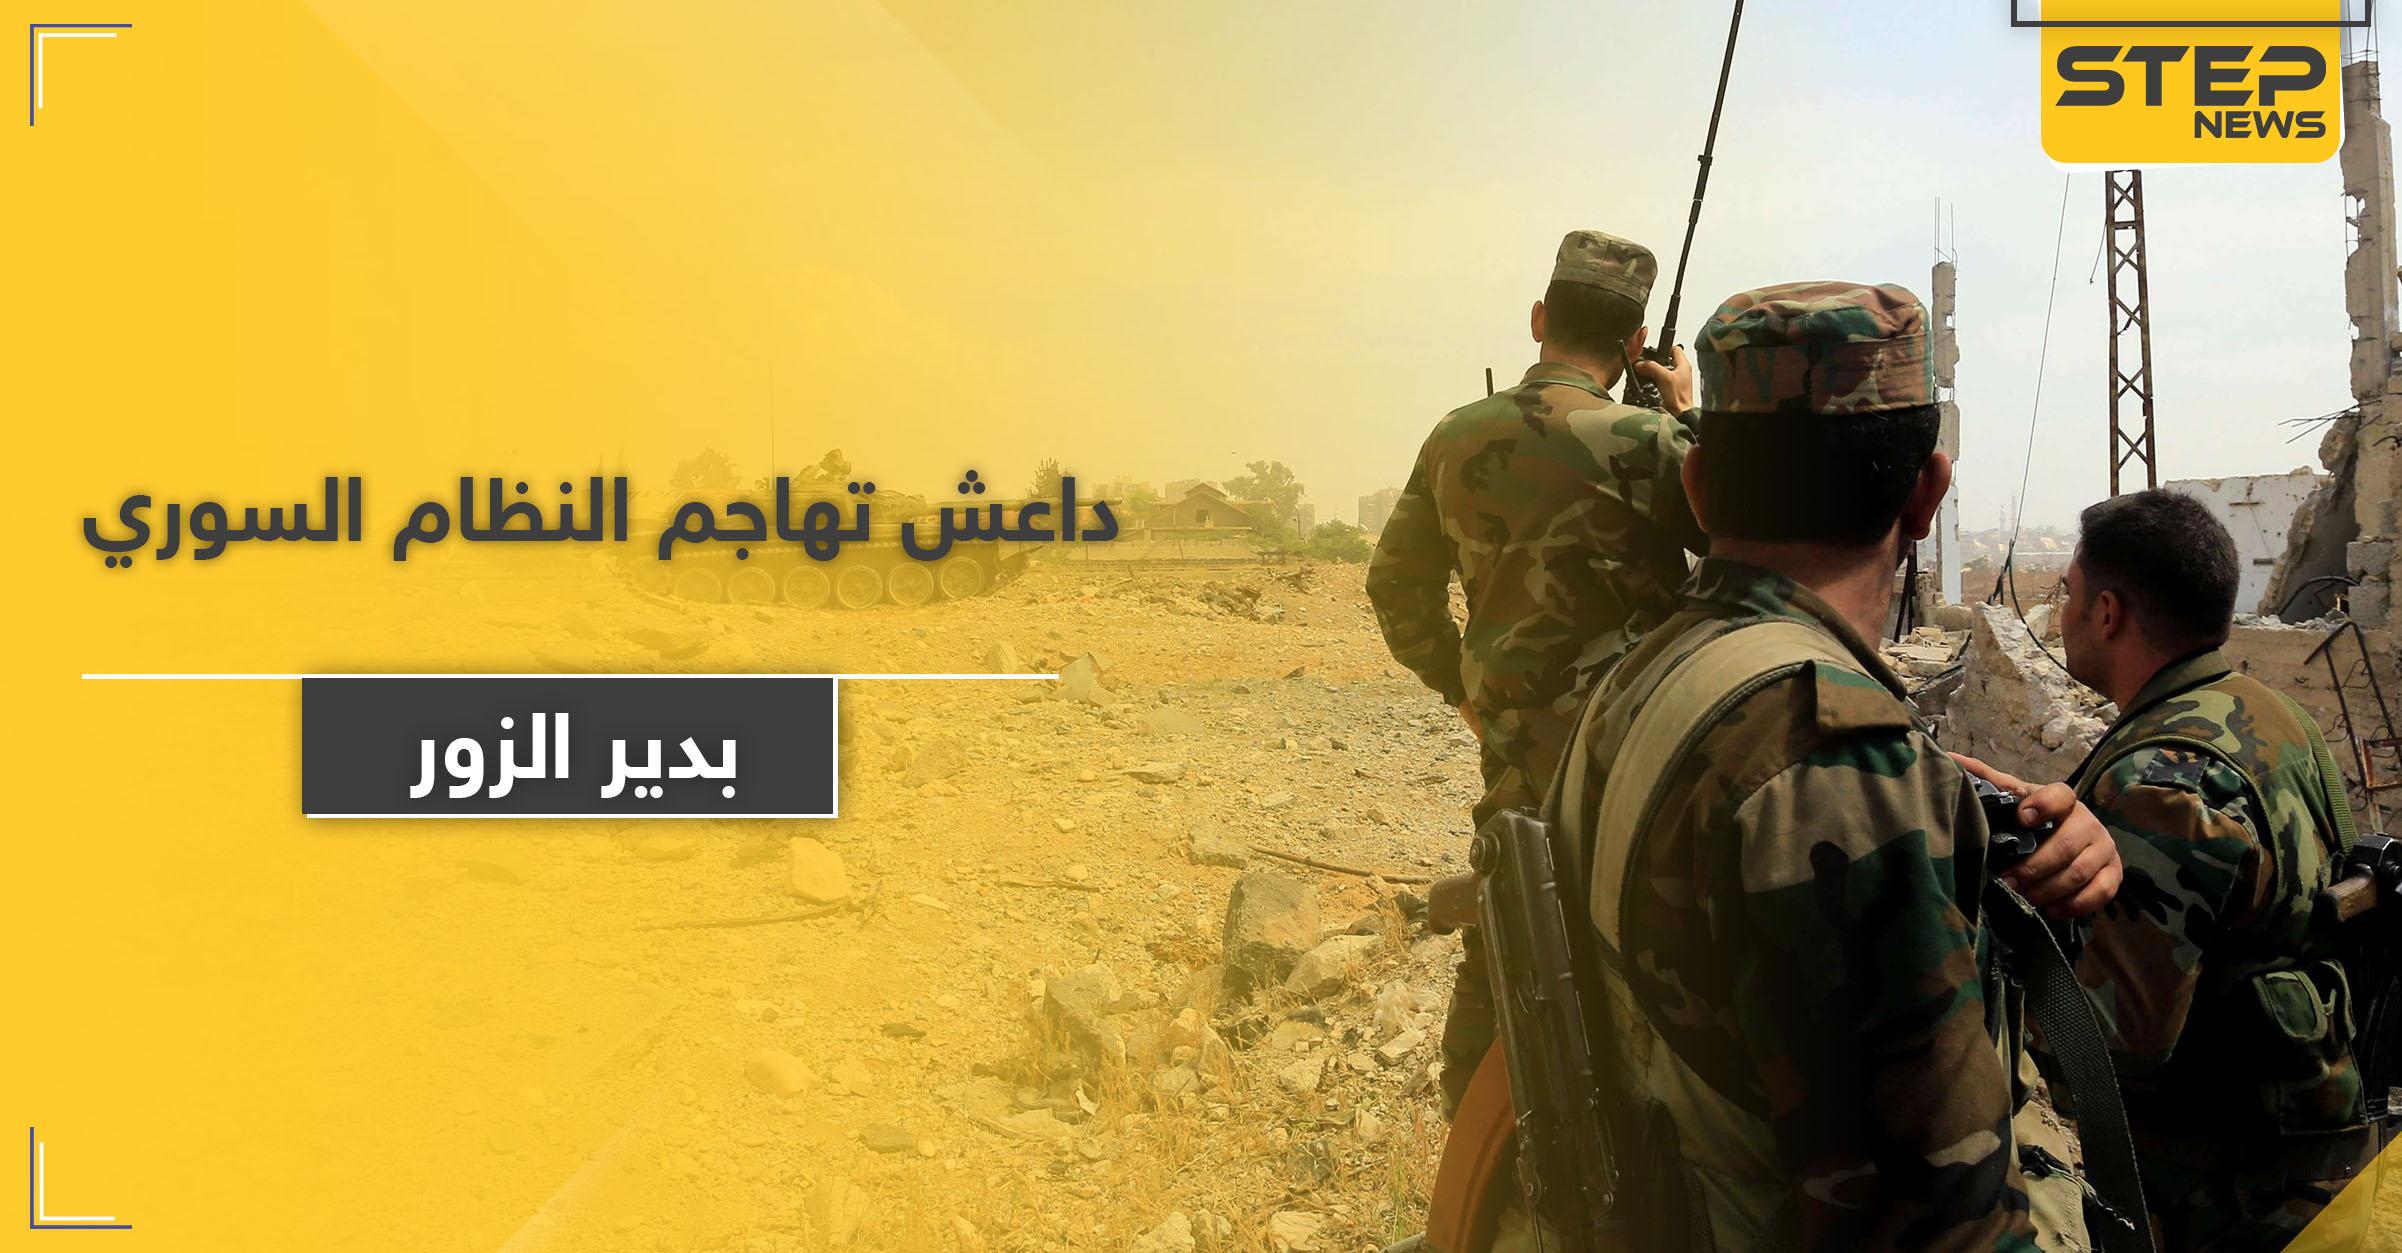 18 قتيل من قوات النظام السوري بدير الزور على يد داعش